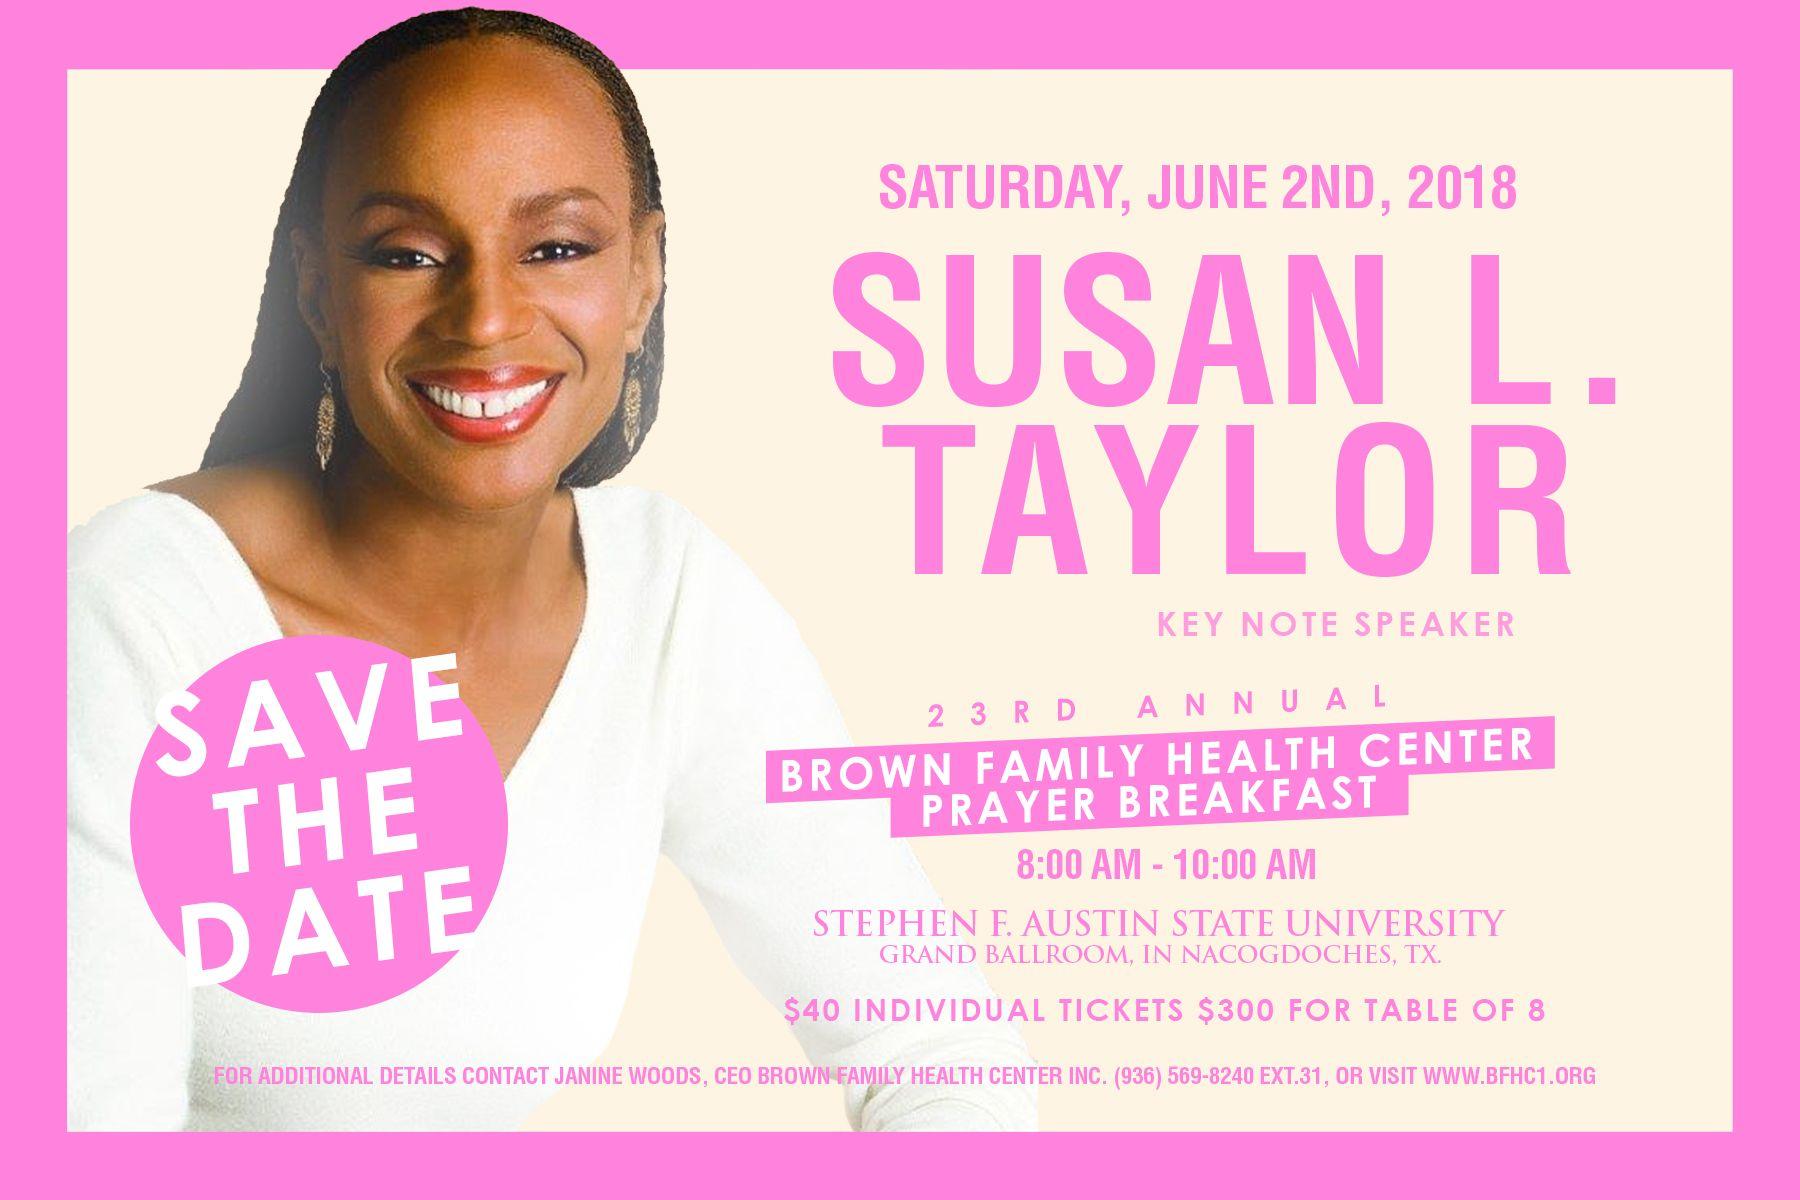 Susan L. Taylor Flyer